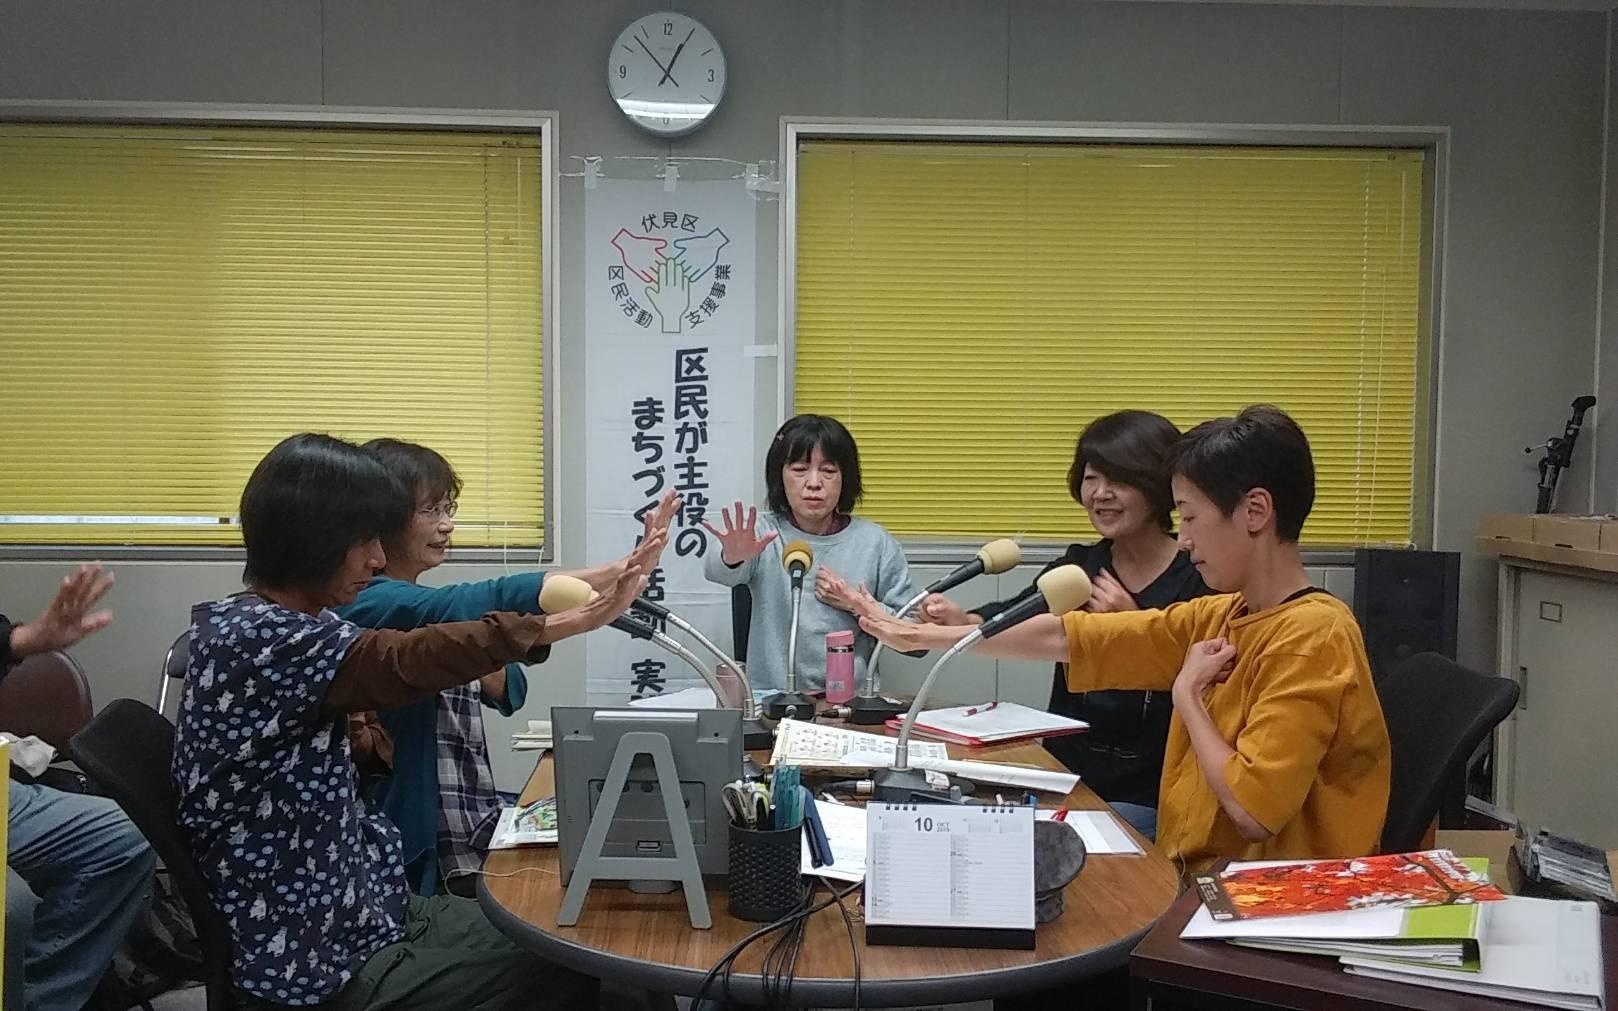 第2回公開健口(けんこう)教室を開催しました_e0415908_13301291.jpg